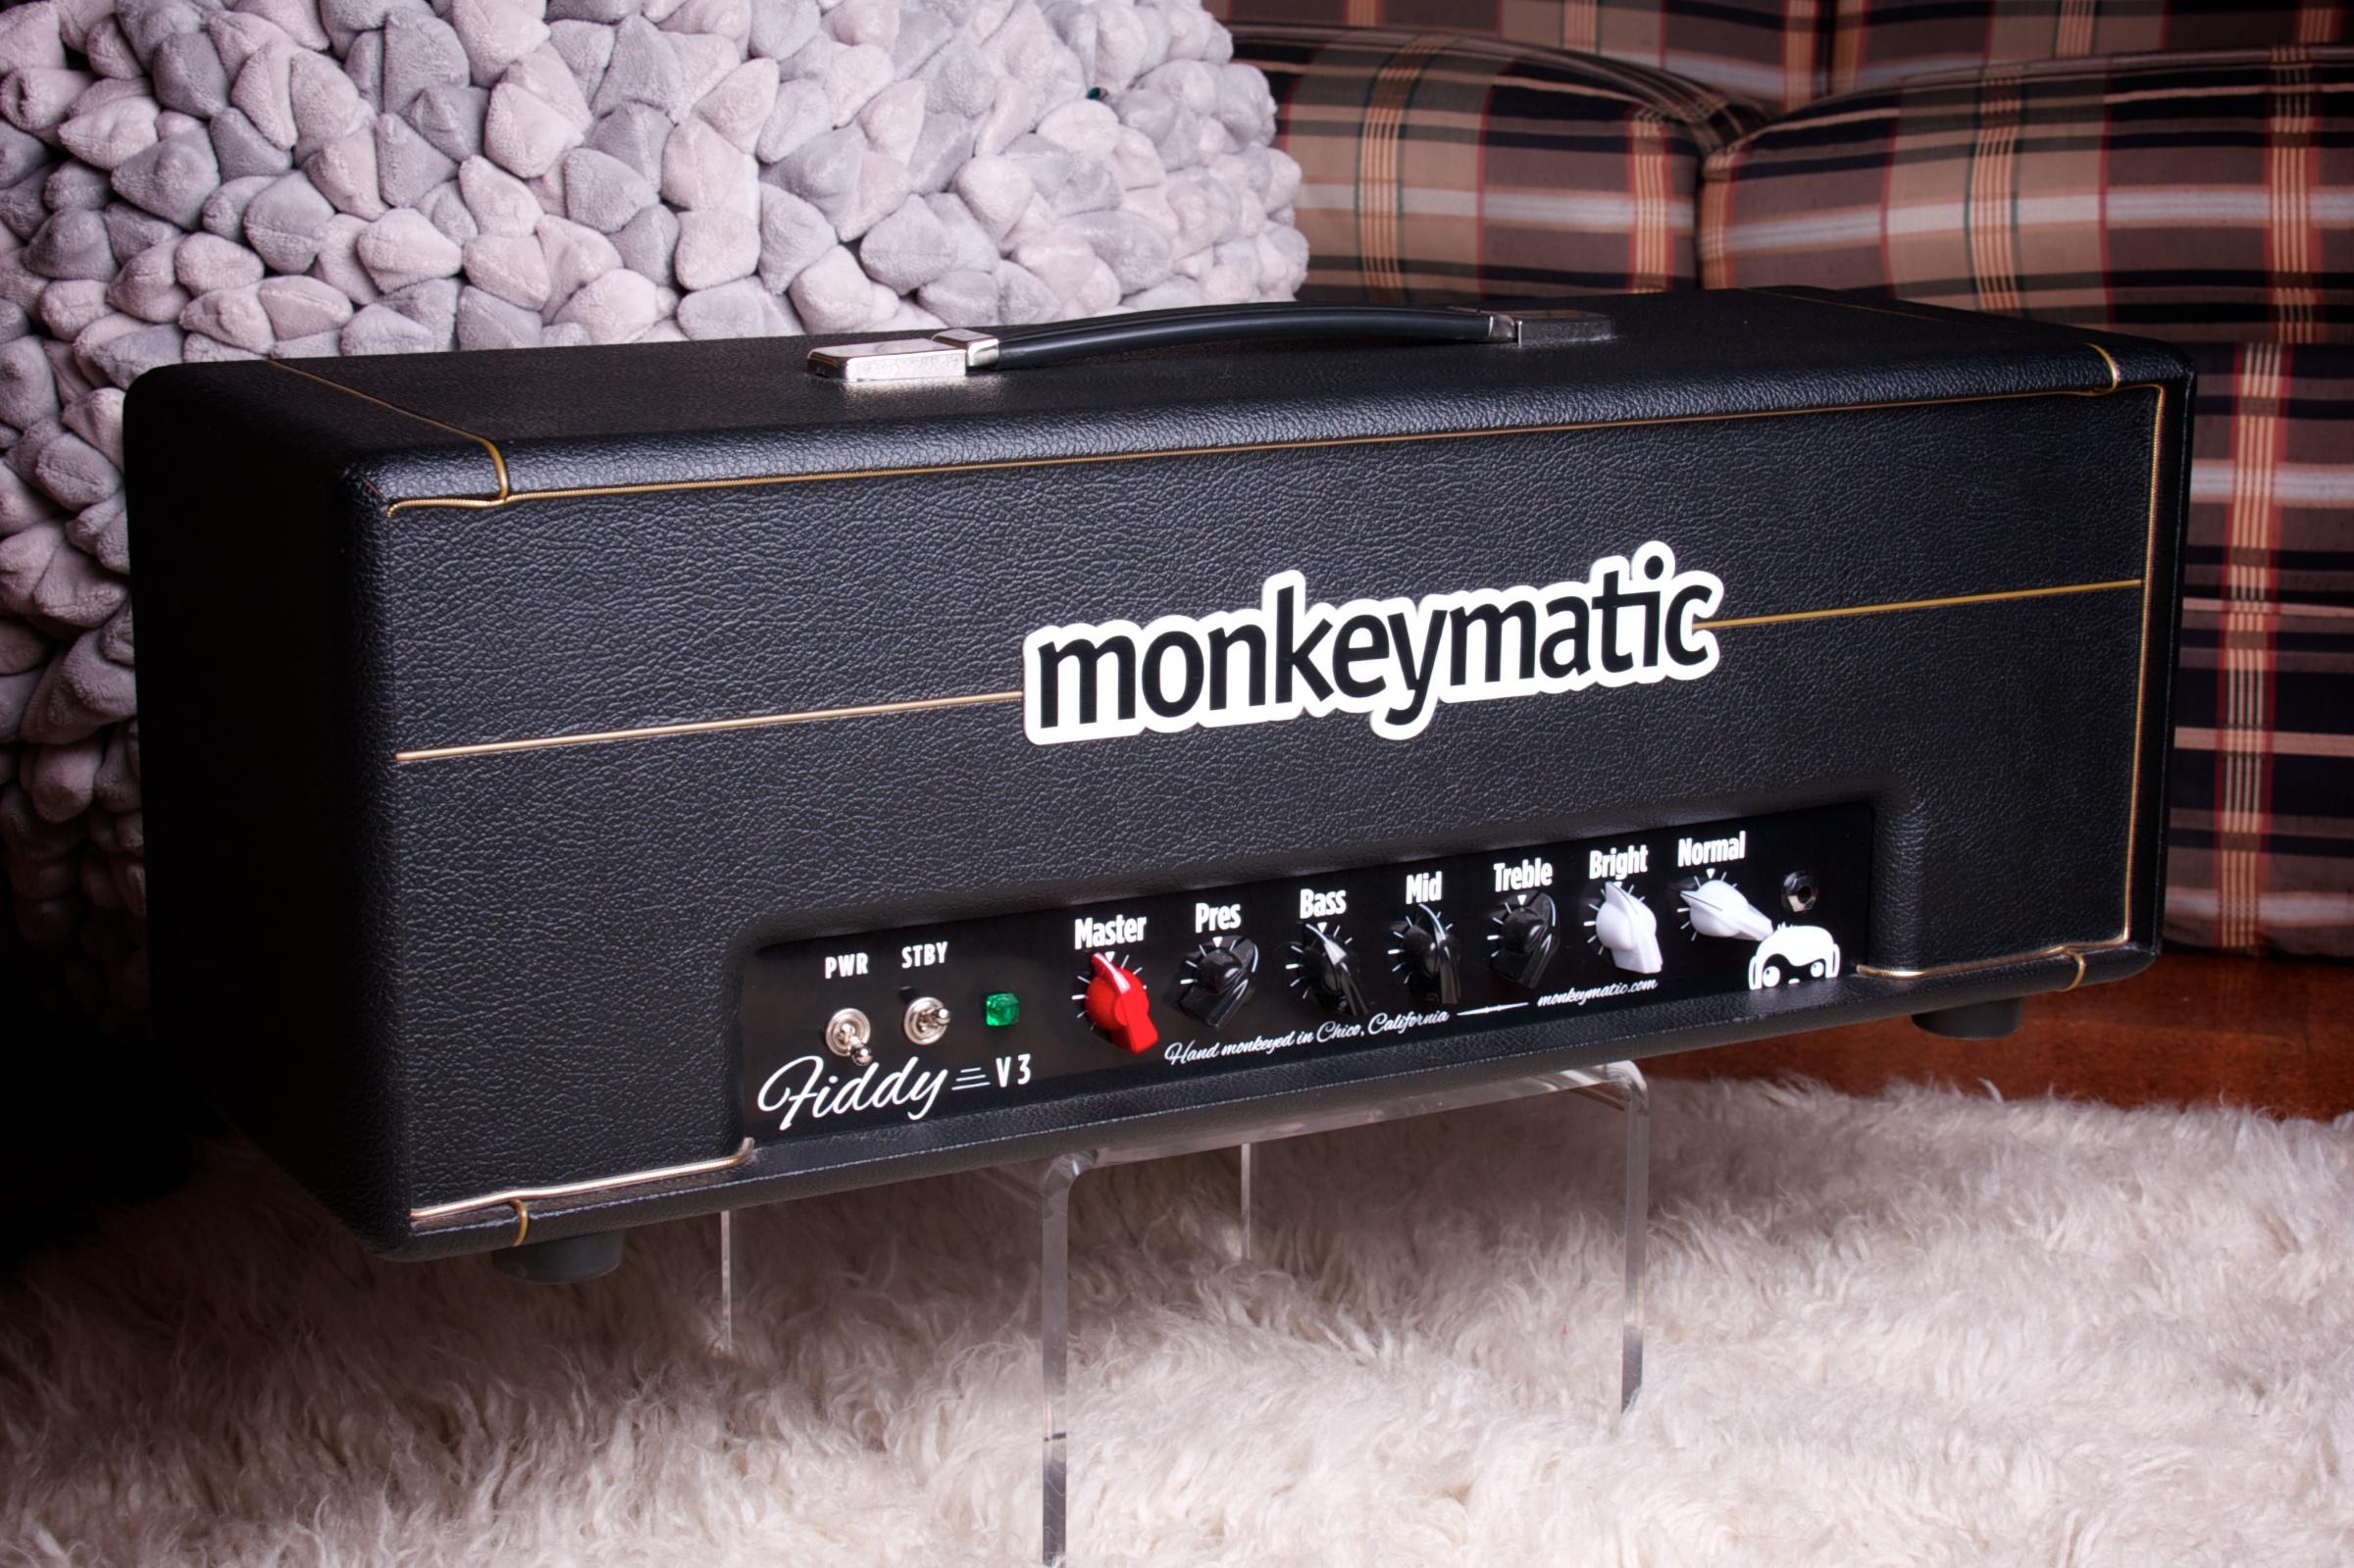 monkeymatic_fiddy_v3_1